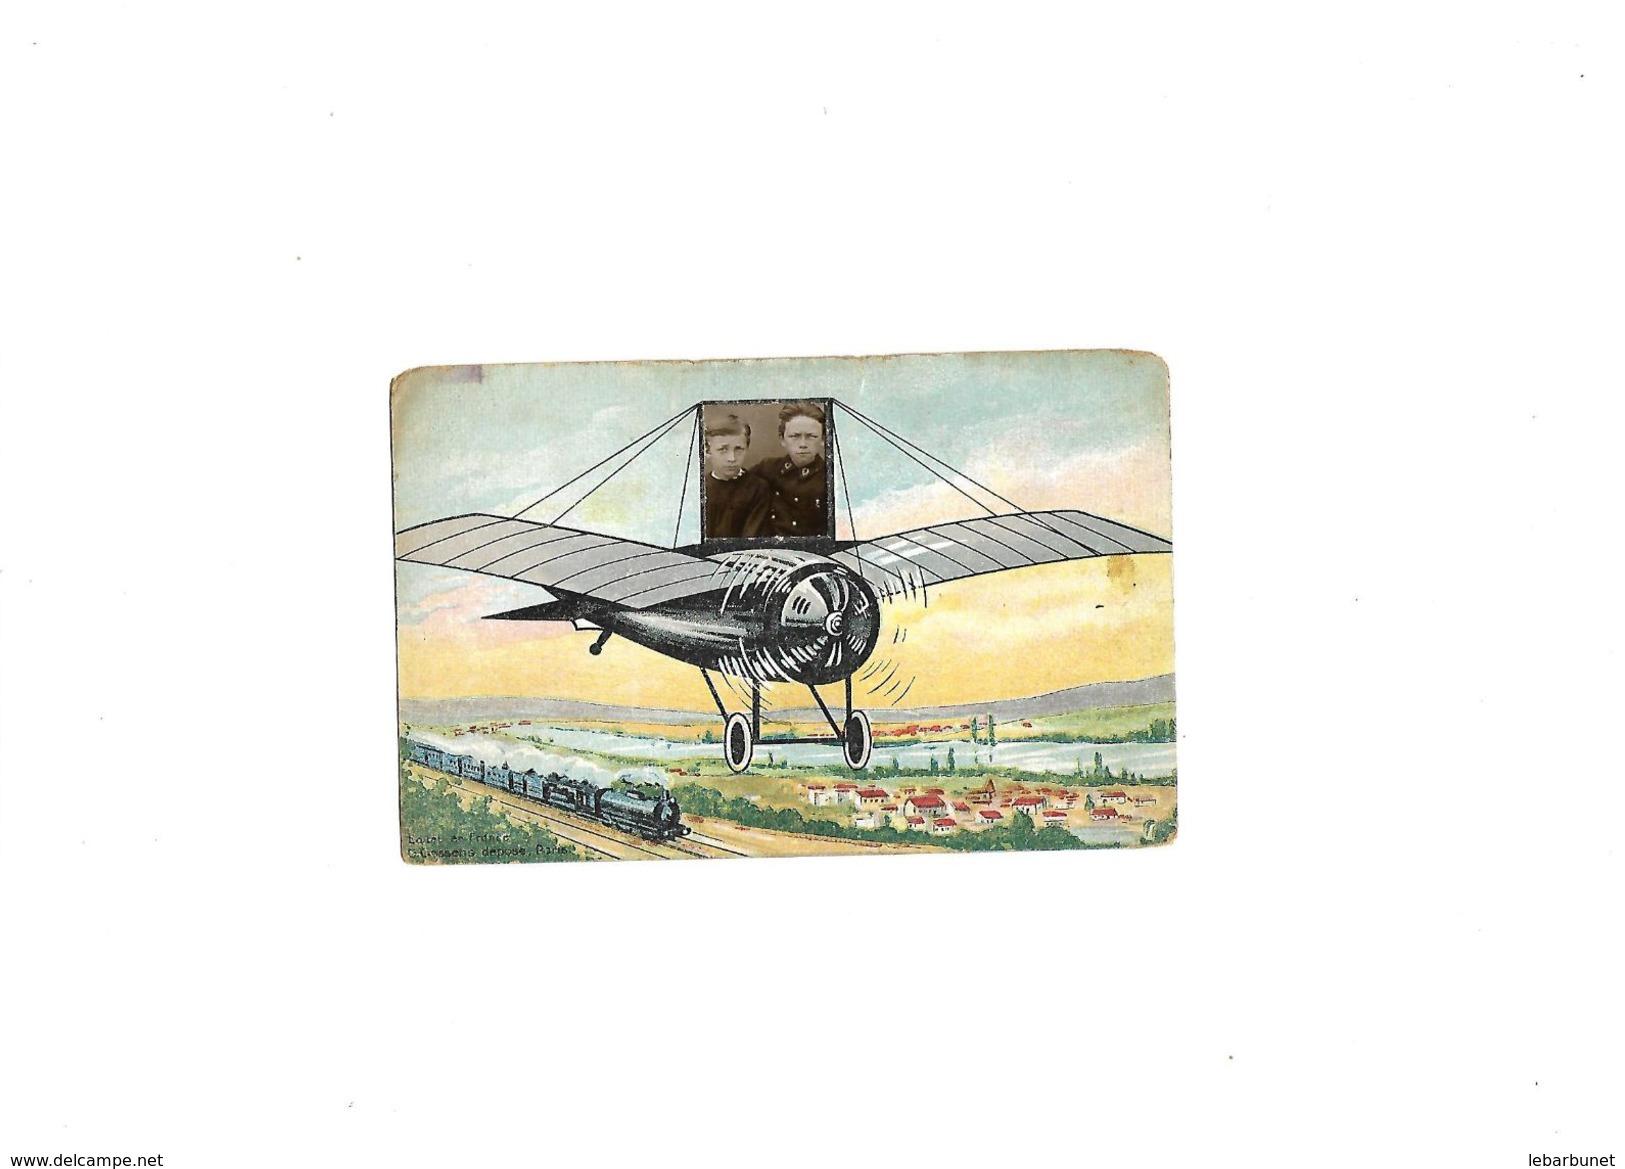 Carte Postale Ancienne Fantaisie Avion Avec Place Pour Mettre Photo - Fantaisies